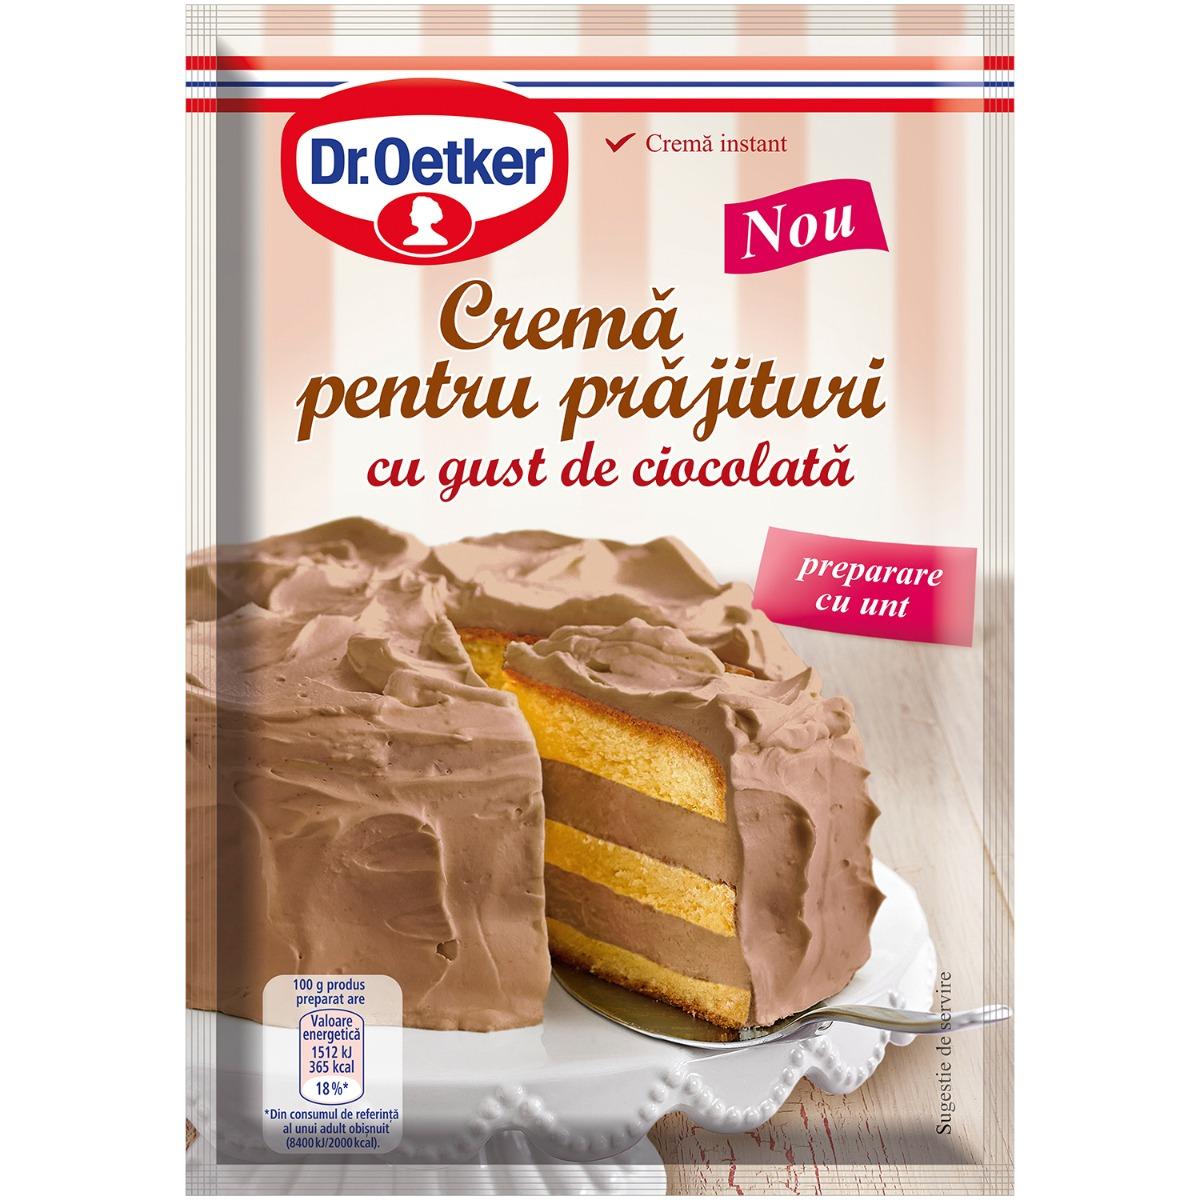 Crema pentru prajitura cu gust de ciocolata Dr Oetker, 155 g imagine